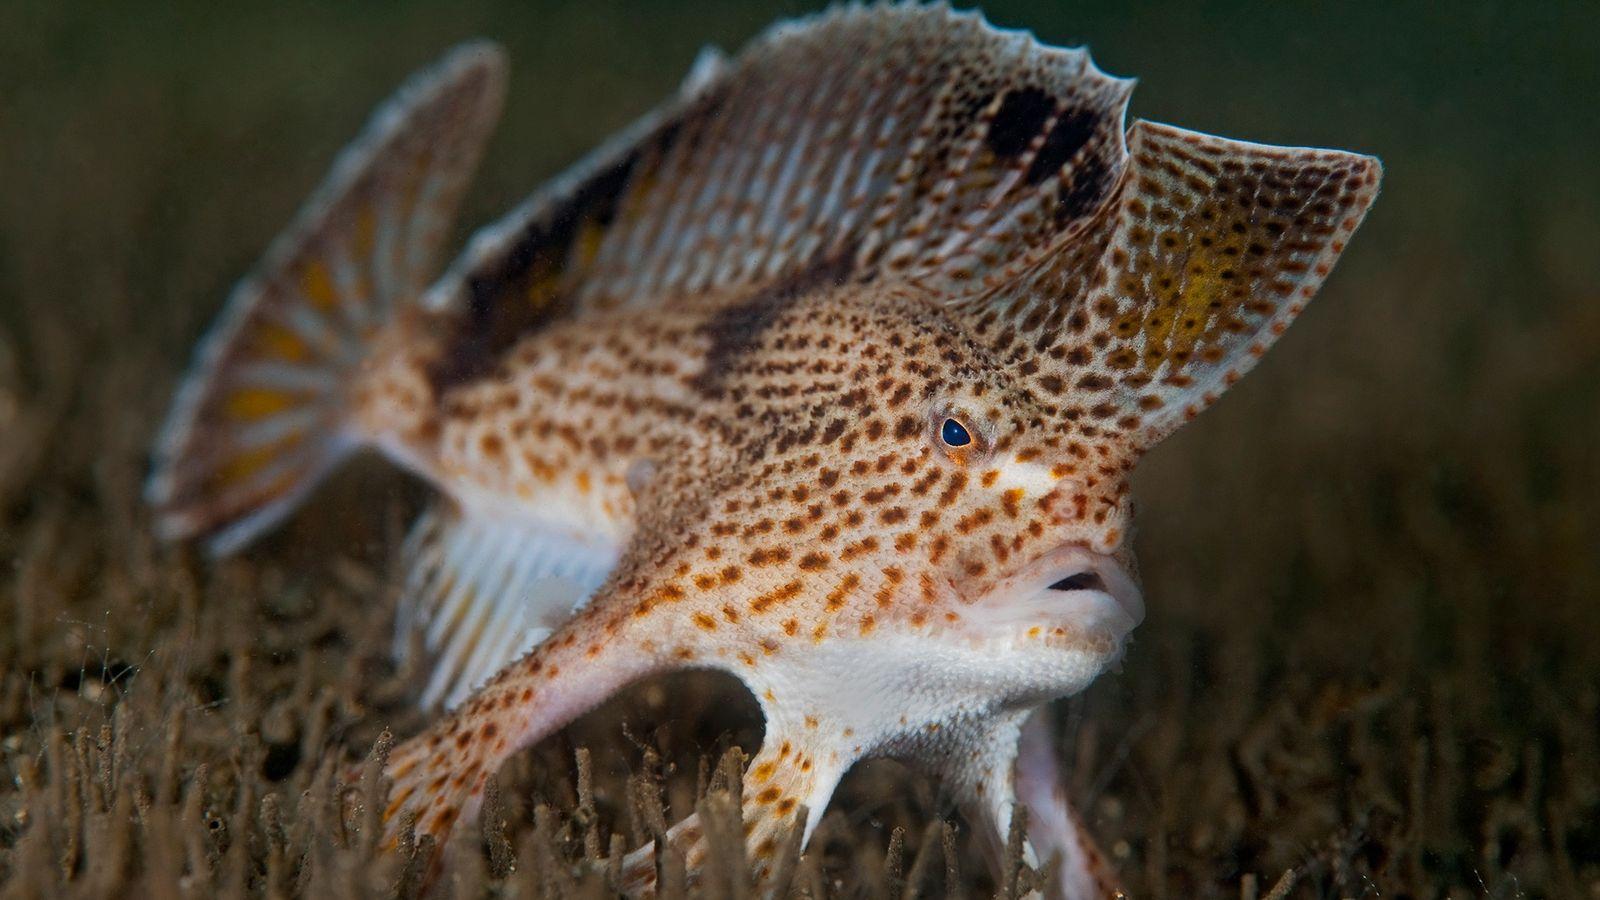 Les poissons-mains tachetés en danger critique d'extinction vivent dans l'estuaire de la rivière Derwent, près de ...